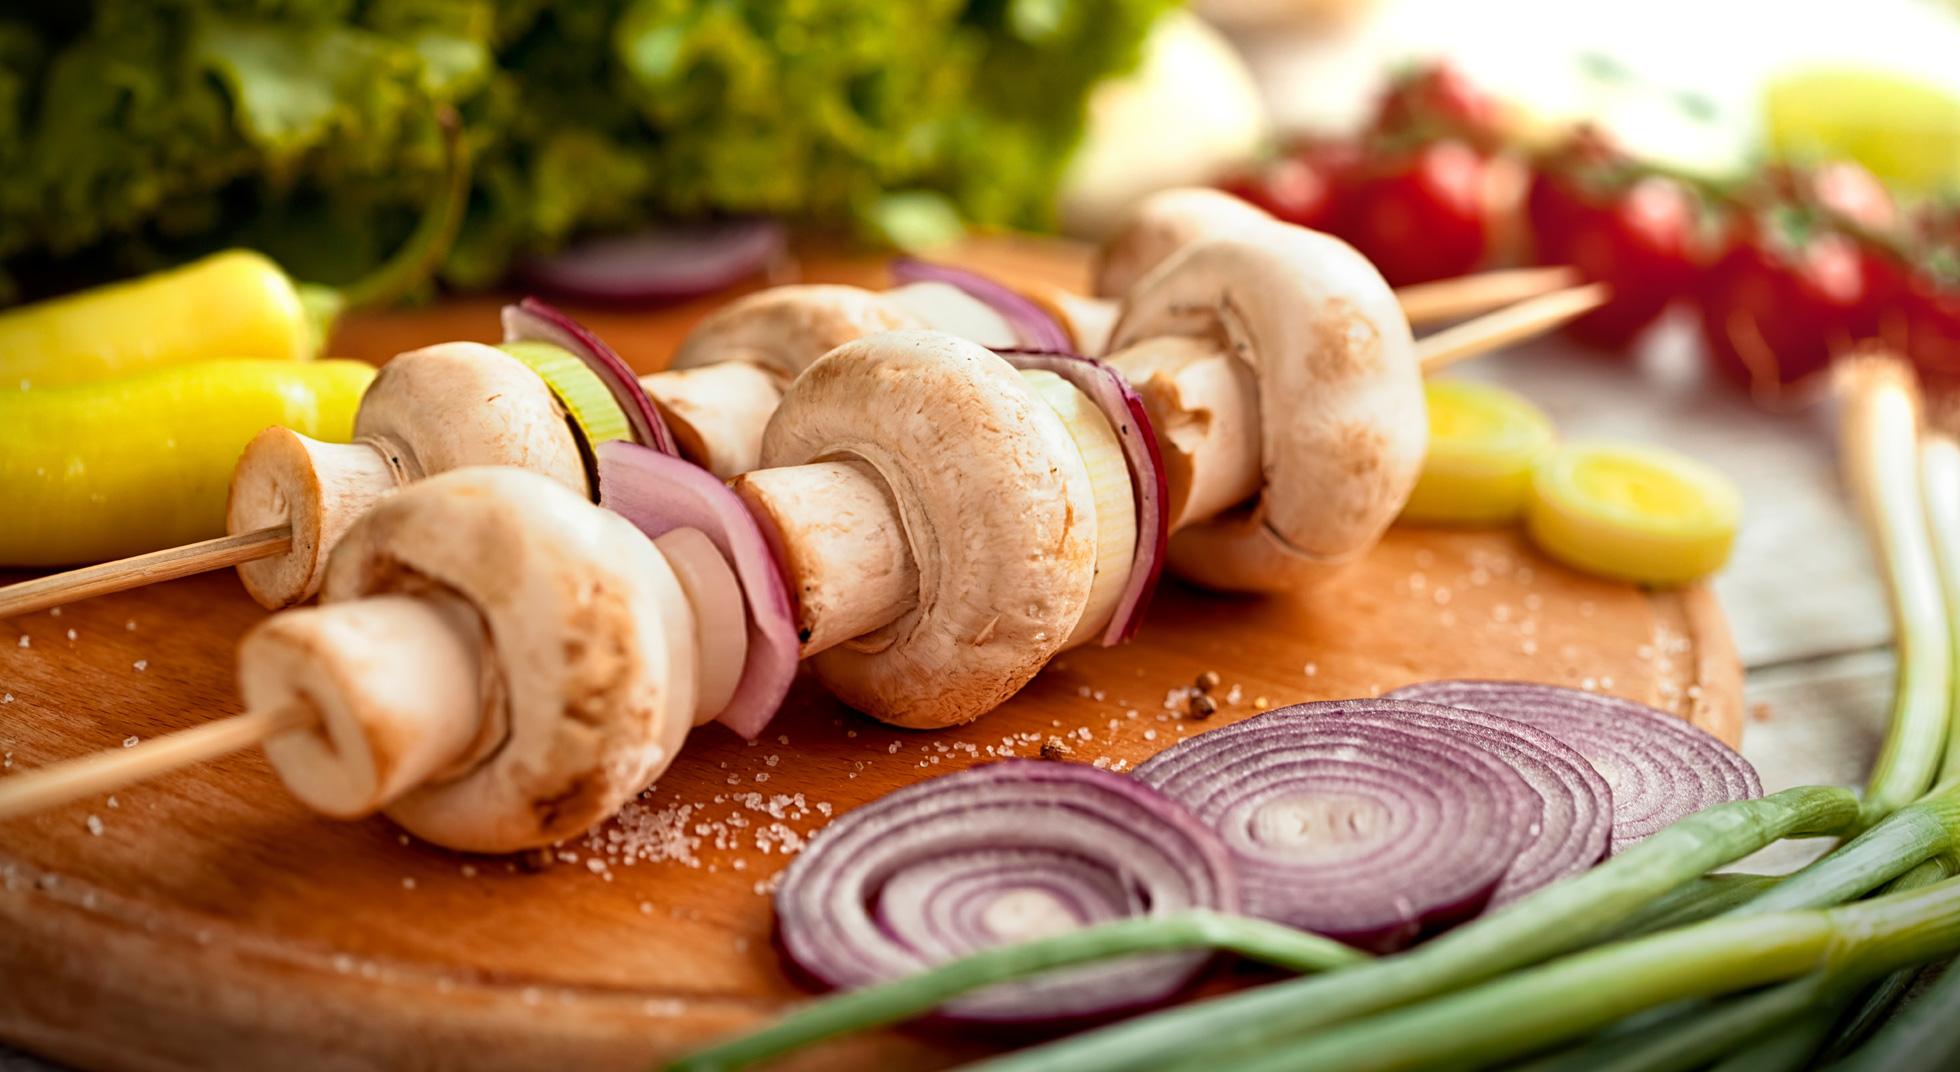 idee per una cena veloce e leggera aia food On idee per cena veloce e leggera